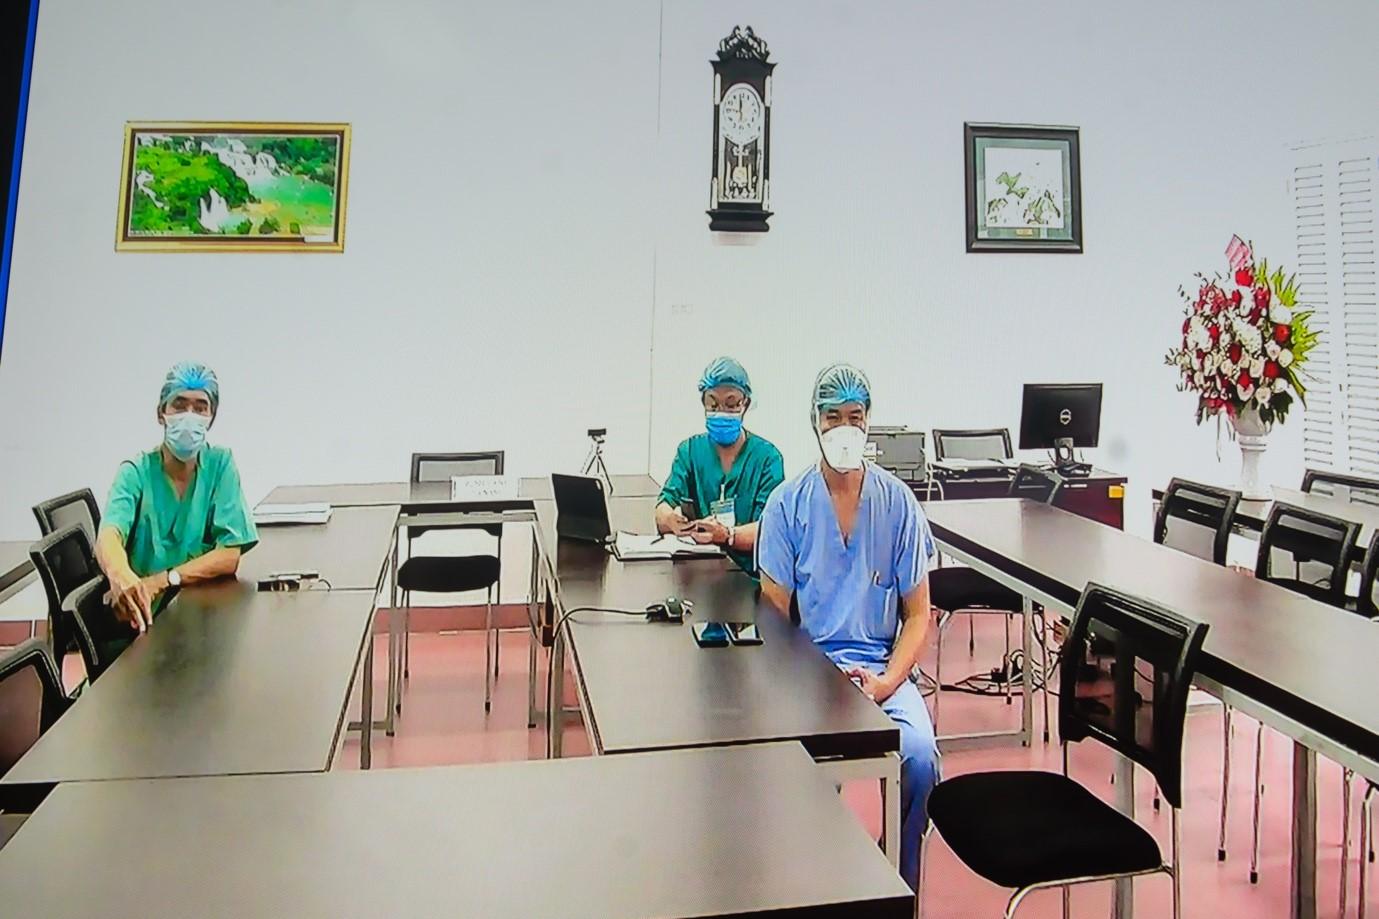 Ecopark đồng hành cùng đội ngũ y tế tuyến đầu chống Covid-19 tại Bệnh viện C Đà Nẵng - Ảnh 3